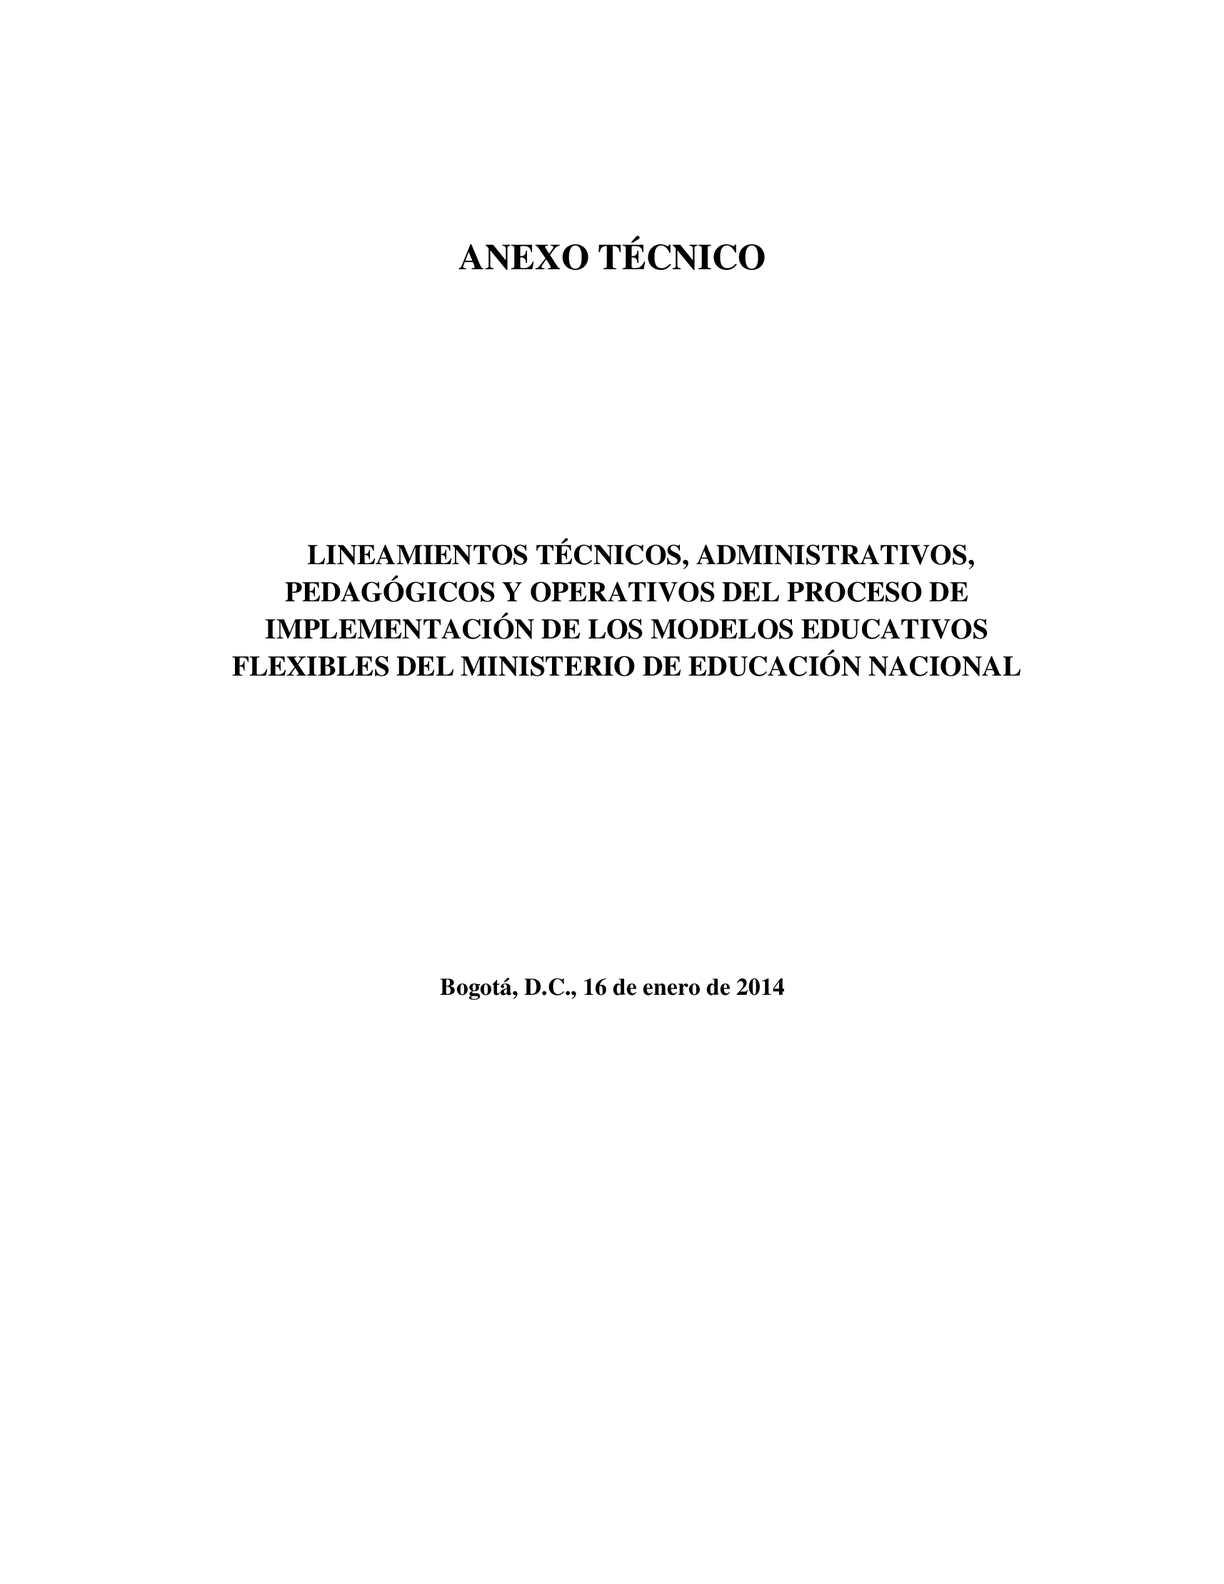 Calaméo - MODELOS FLEXIBLES 2014